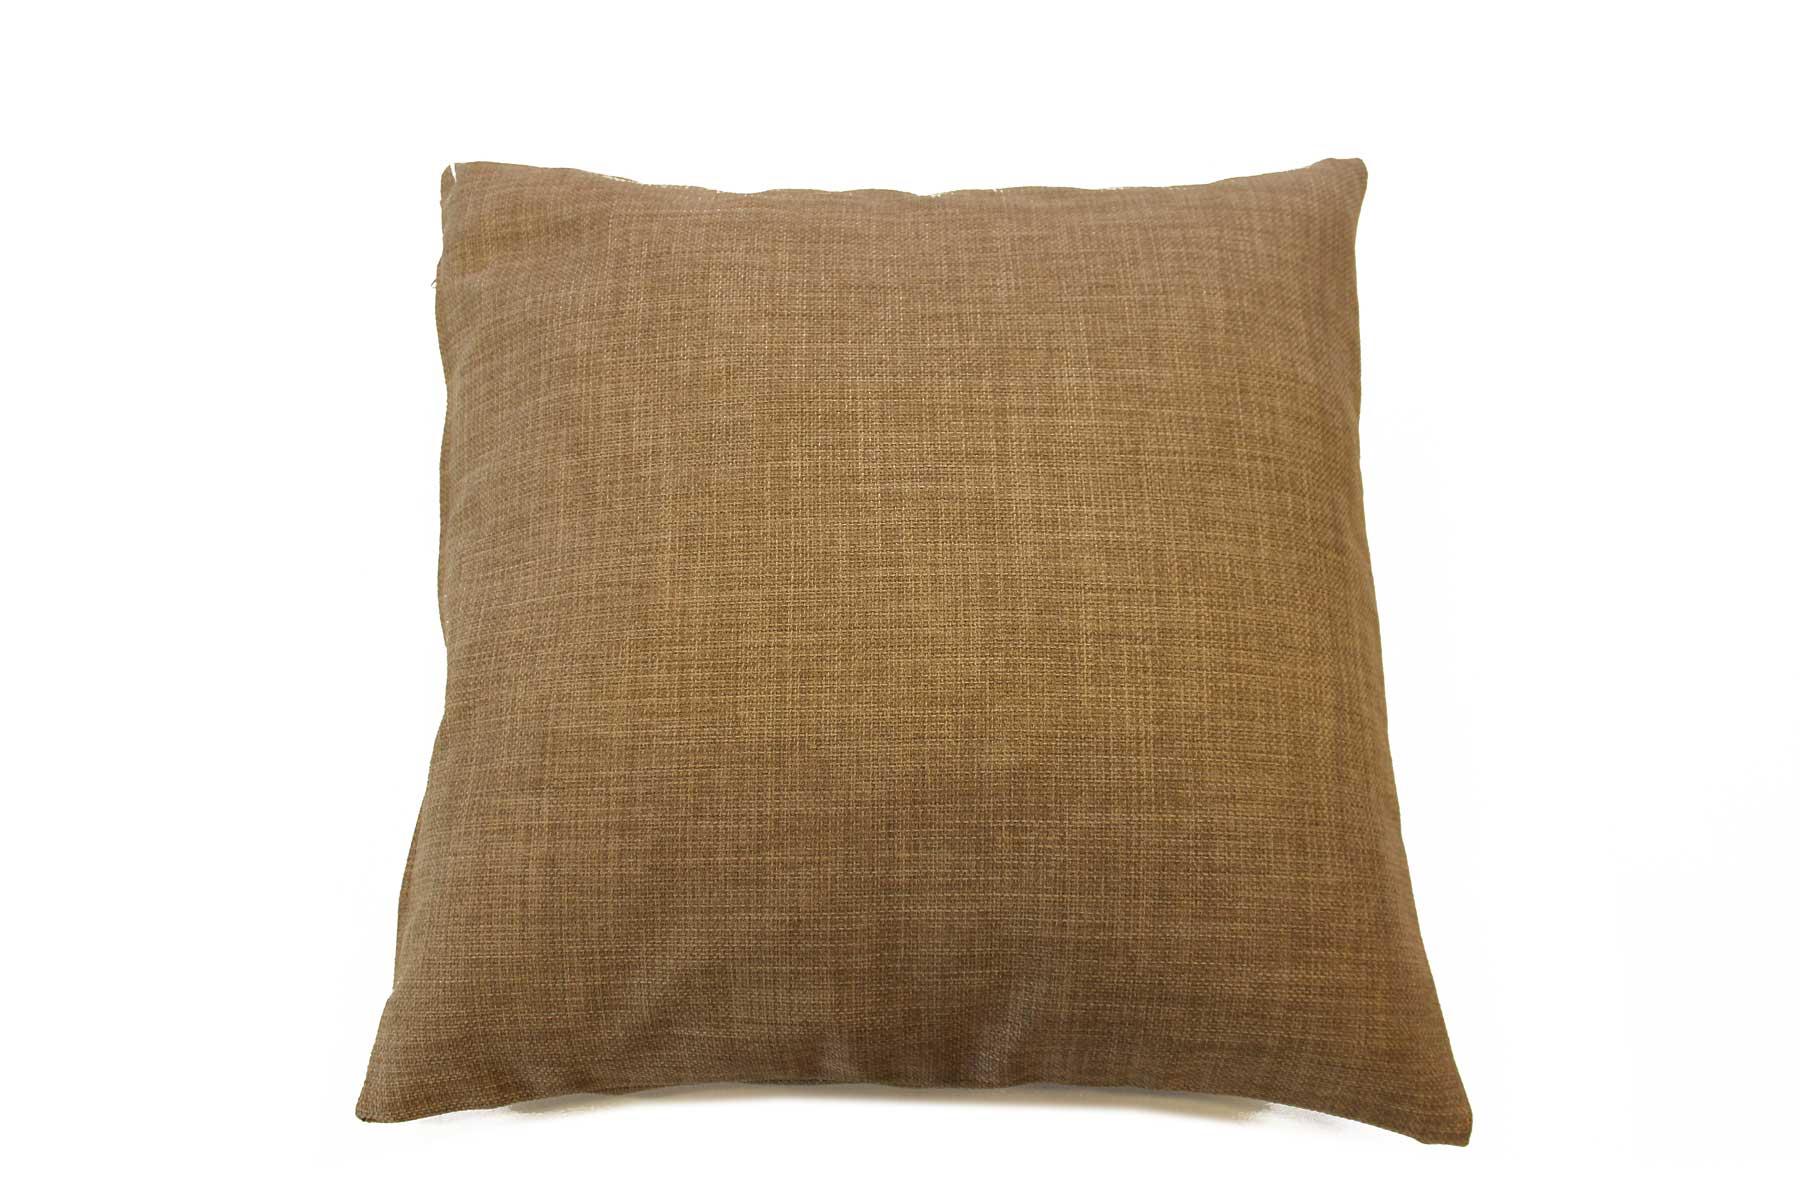 Billede af Unic sofapude, lysebrun